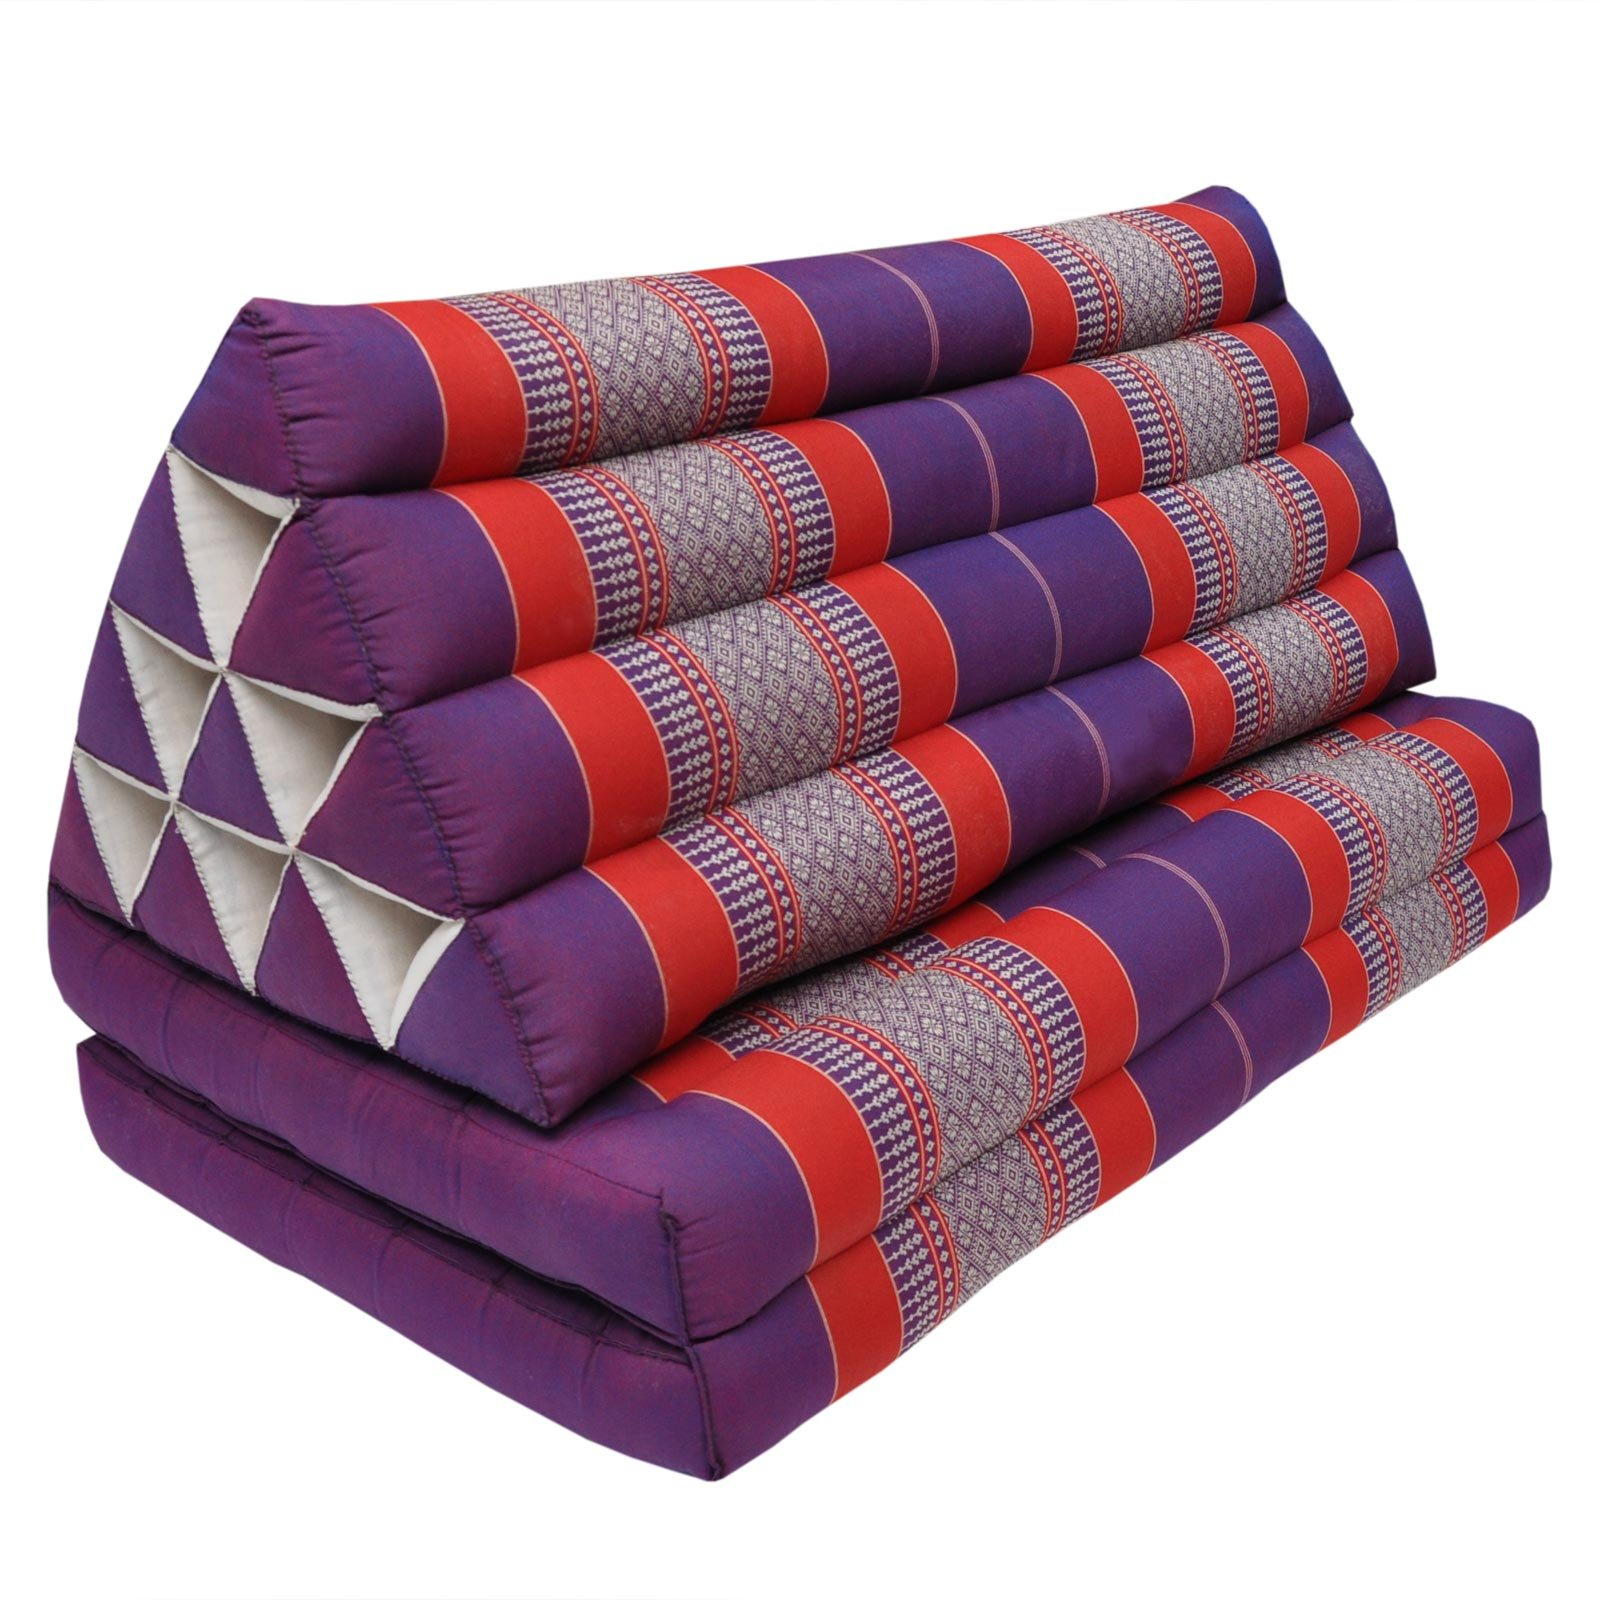 Coussin Thailandais triangle XXL avec assise 2 plis, détente, matelas, kapok, fauteuil, canapé, jardin, plage Violet/Rouge (81517)